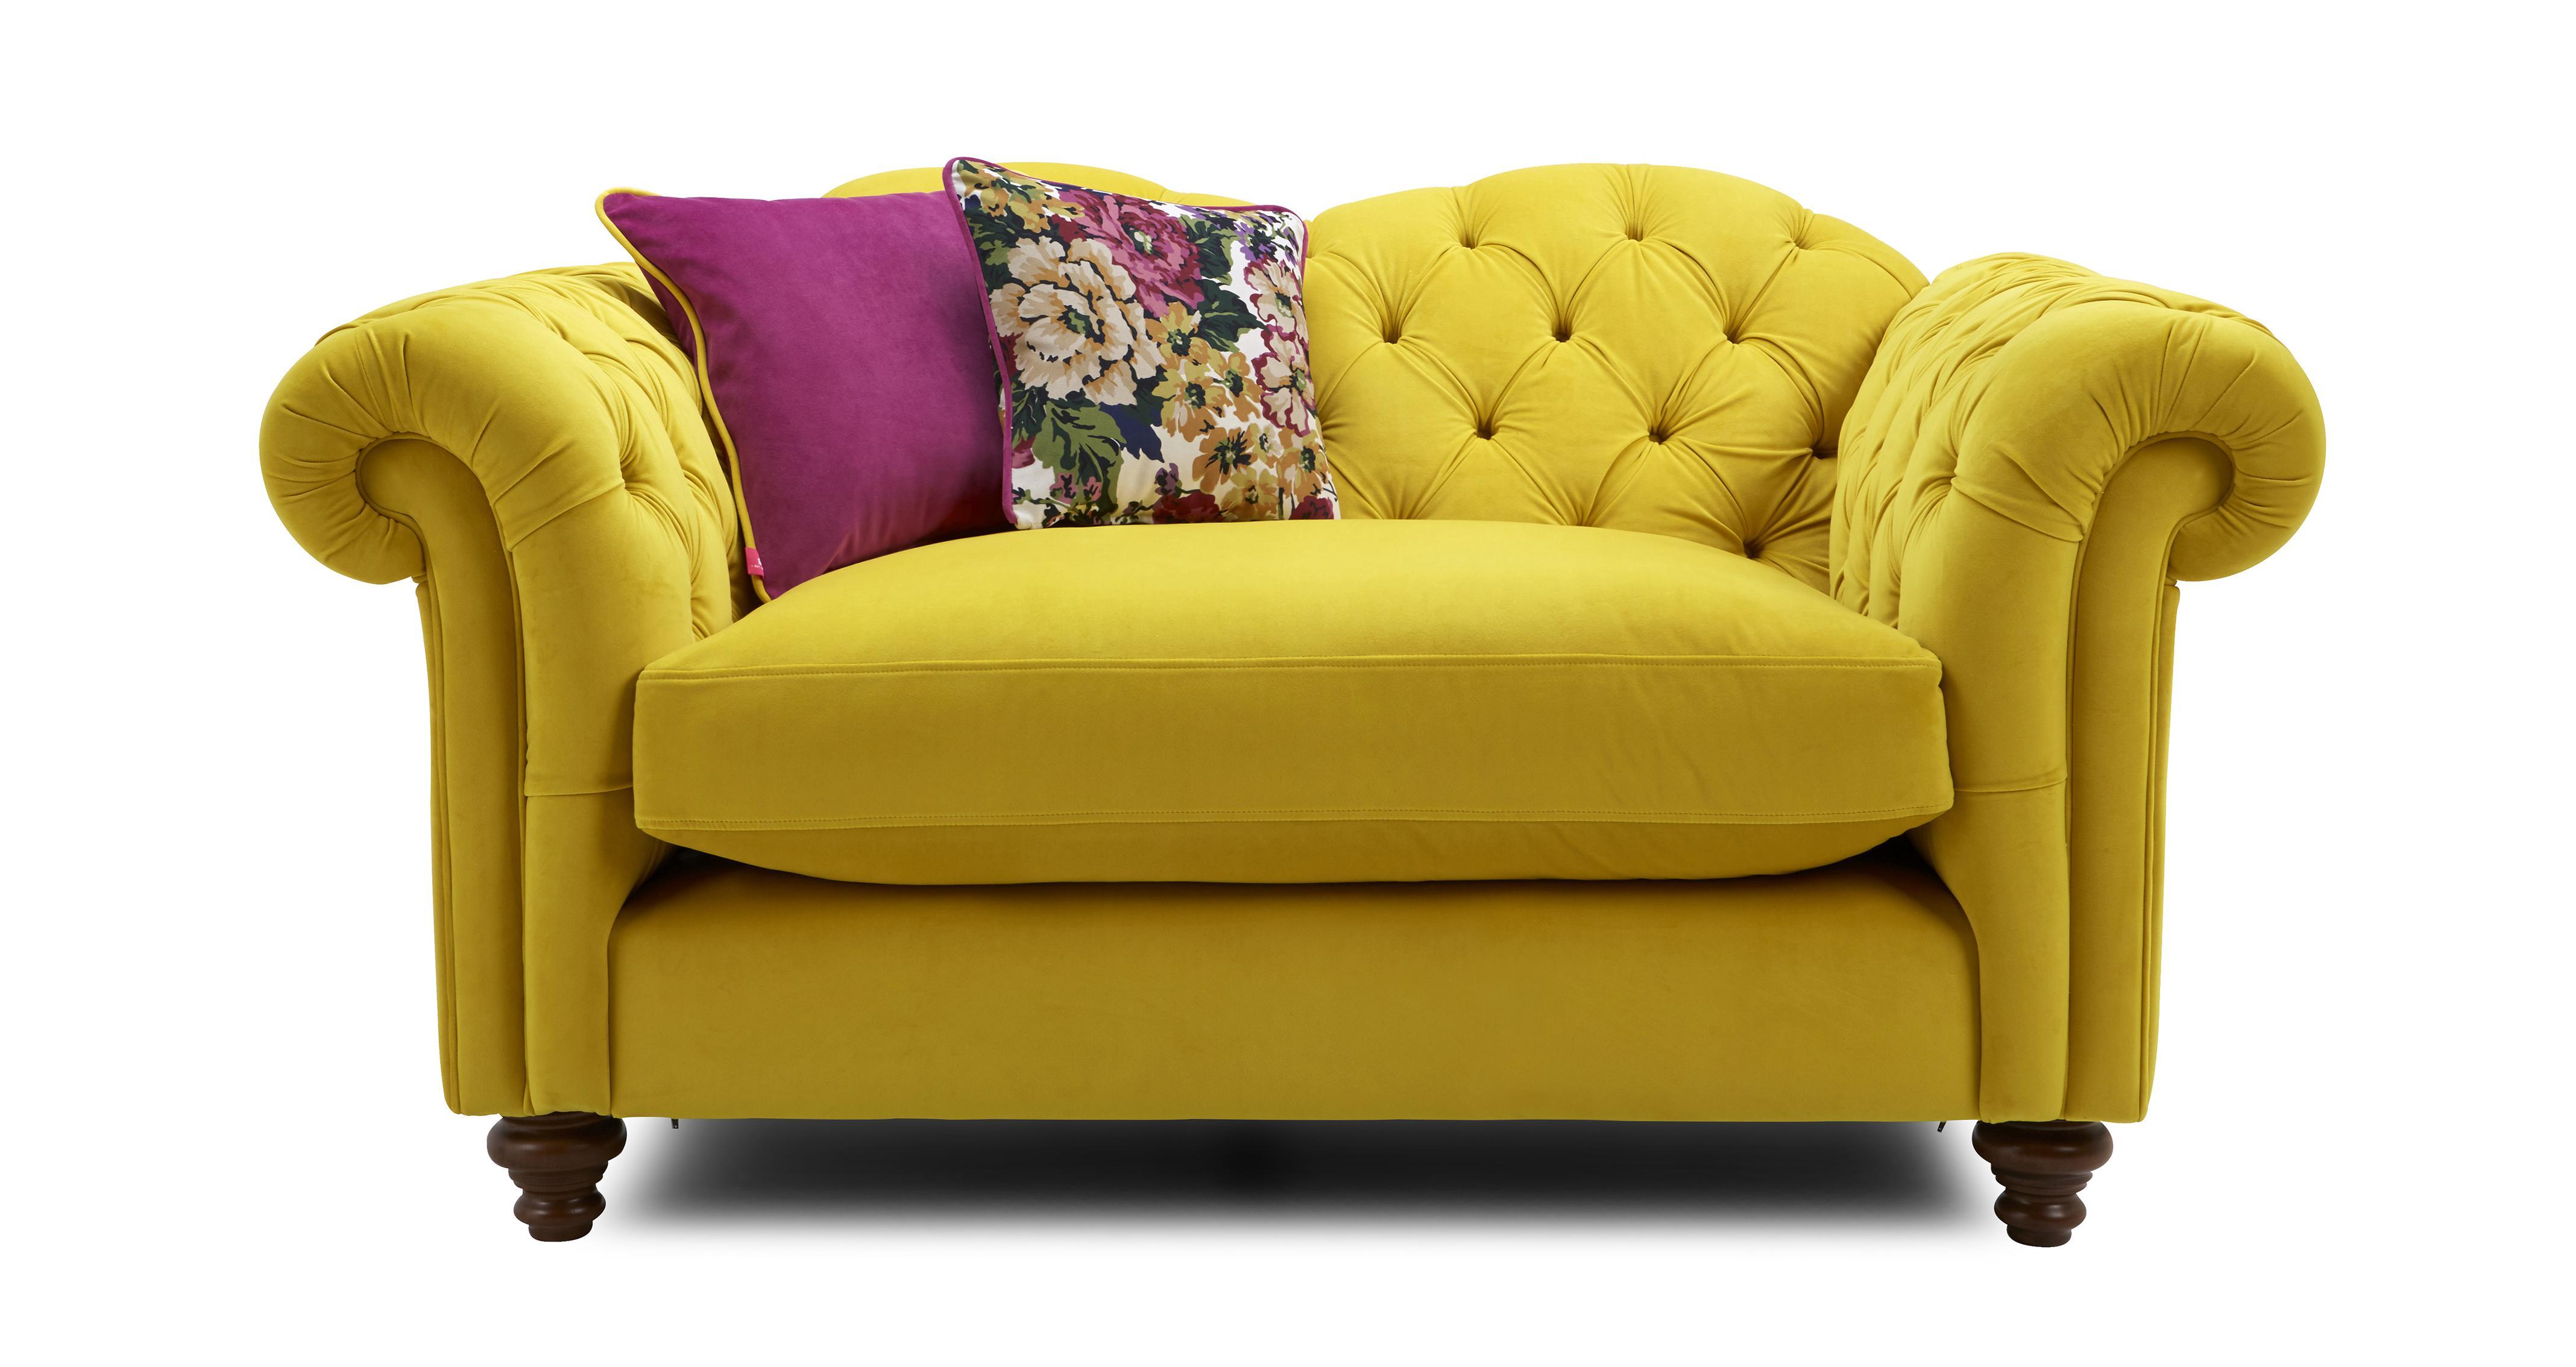 Sofa Chair. 36 0 ° Sofa Chair N